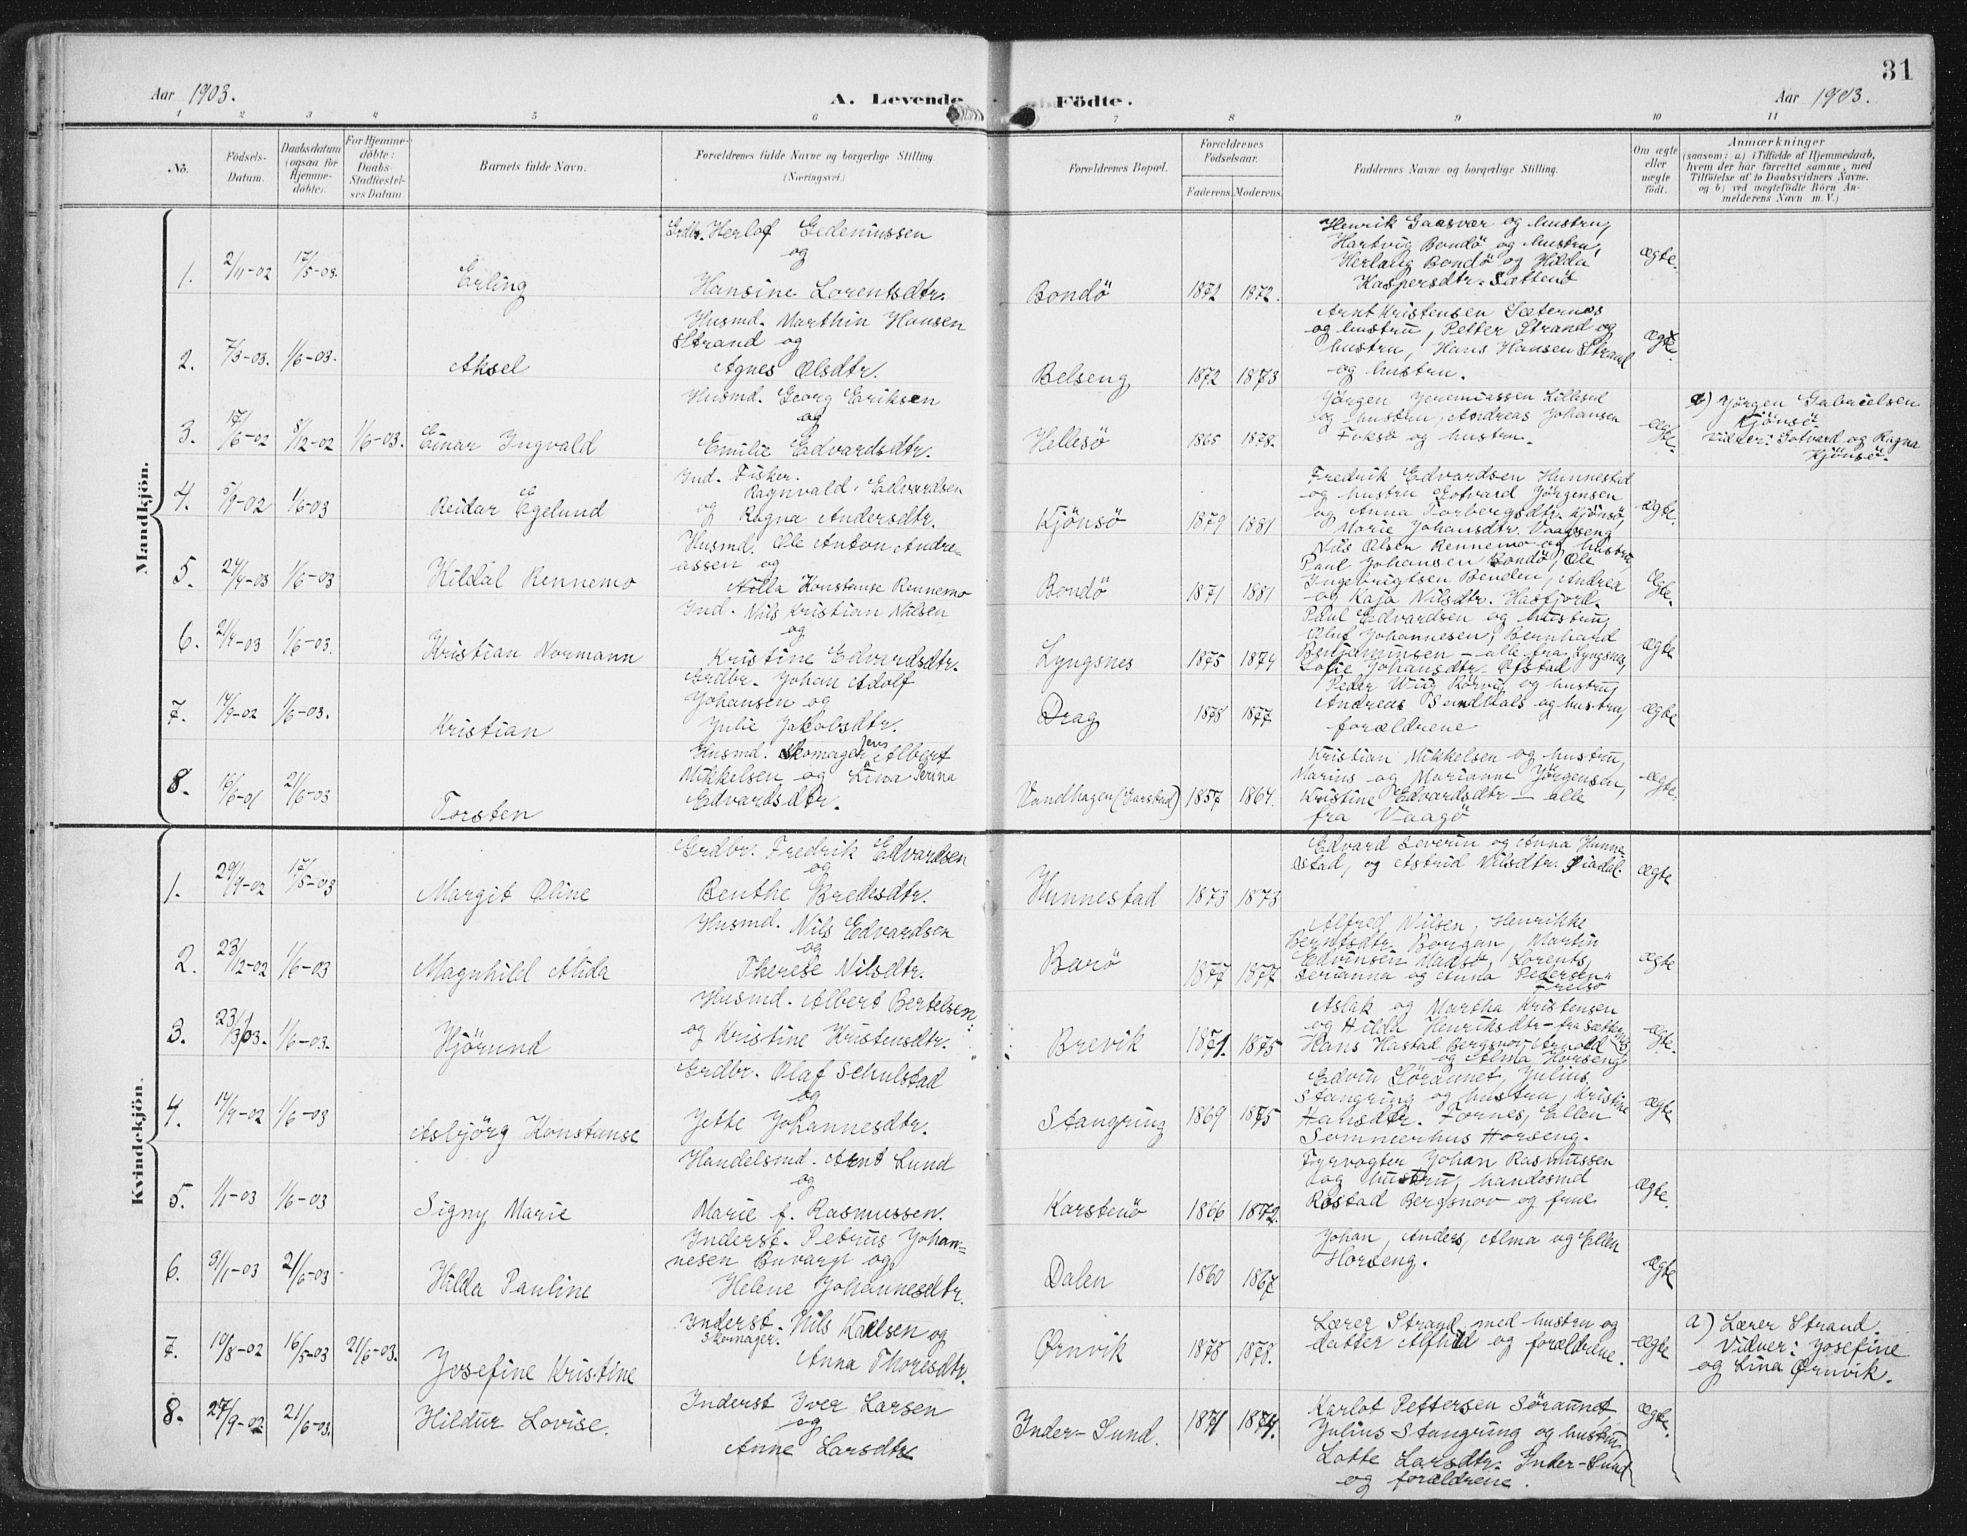 SAT, Ministerialprotokoller, klokkerbøker og fødselsregistre - Nord-Trøndelag, 786/L0688: Ministerialbok nr. 786A04, 1899-1912, s. 31